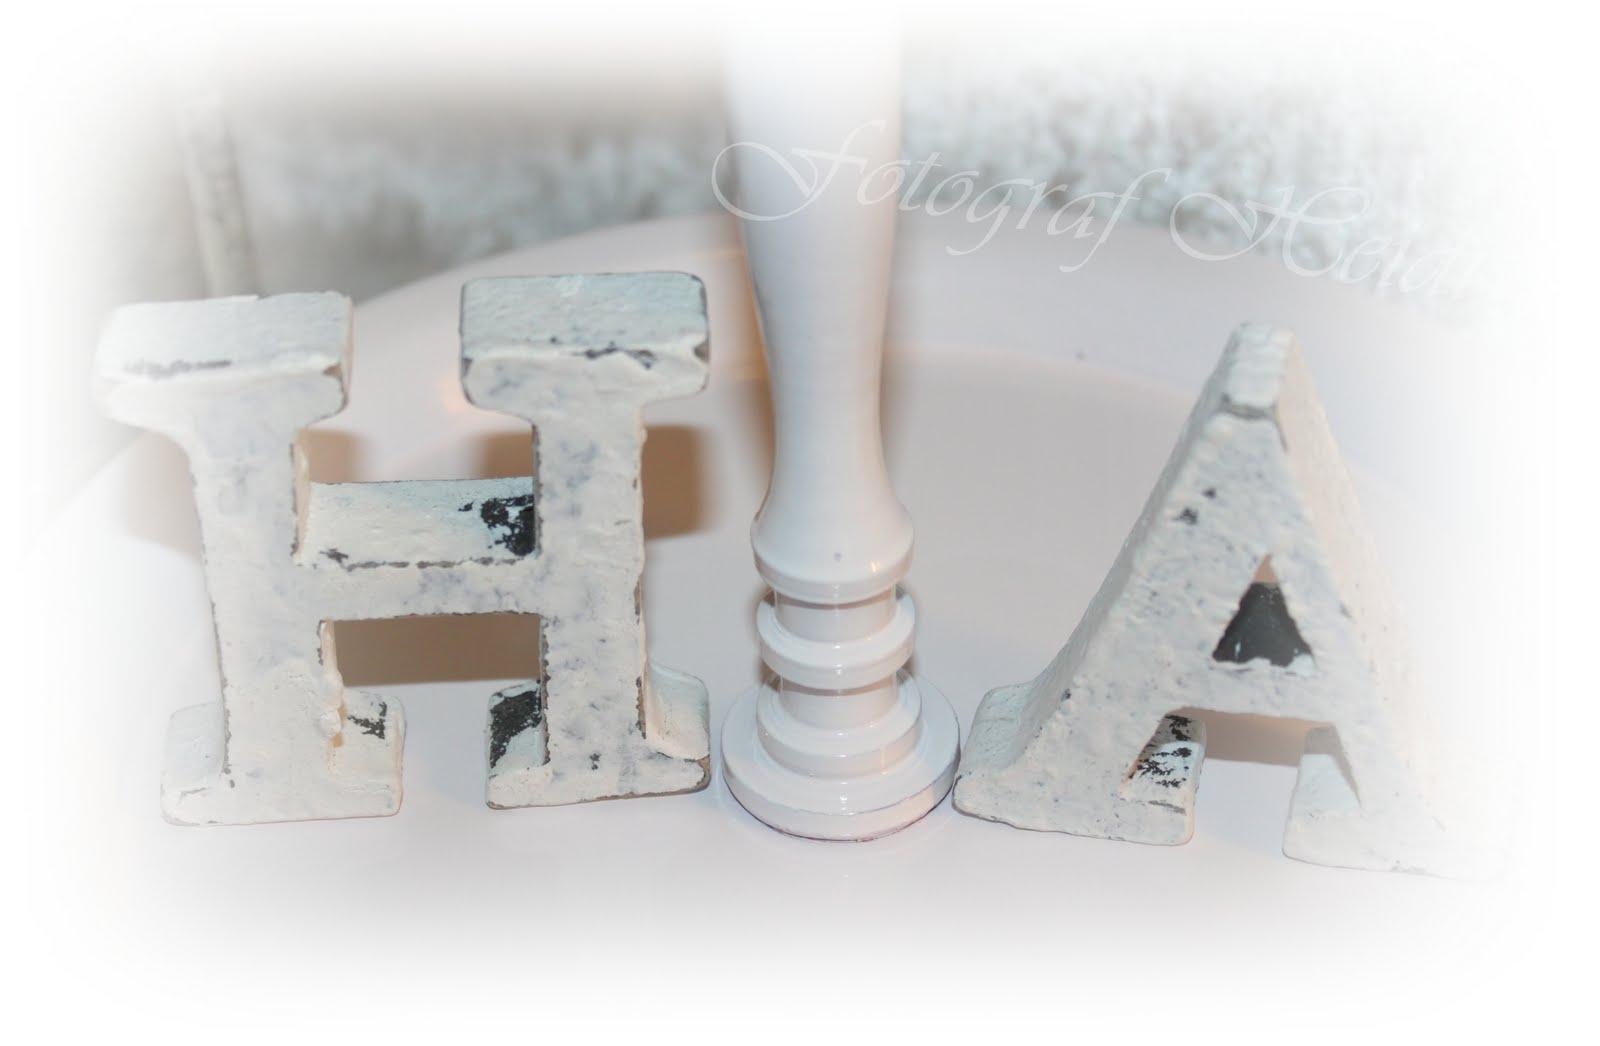 maler kosten anstricharbeiten so berechnen sie tapezieren kosten tapetenrollen rechner maler. Black Bedroom Furniture Sets. Home Design Ideas